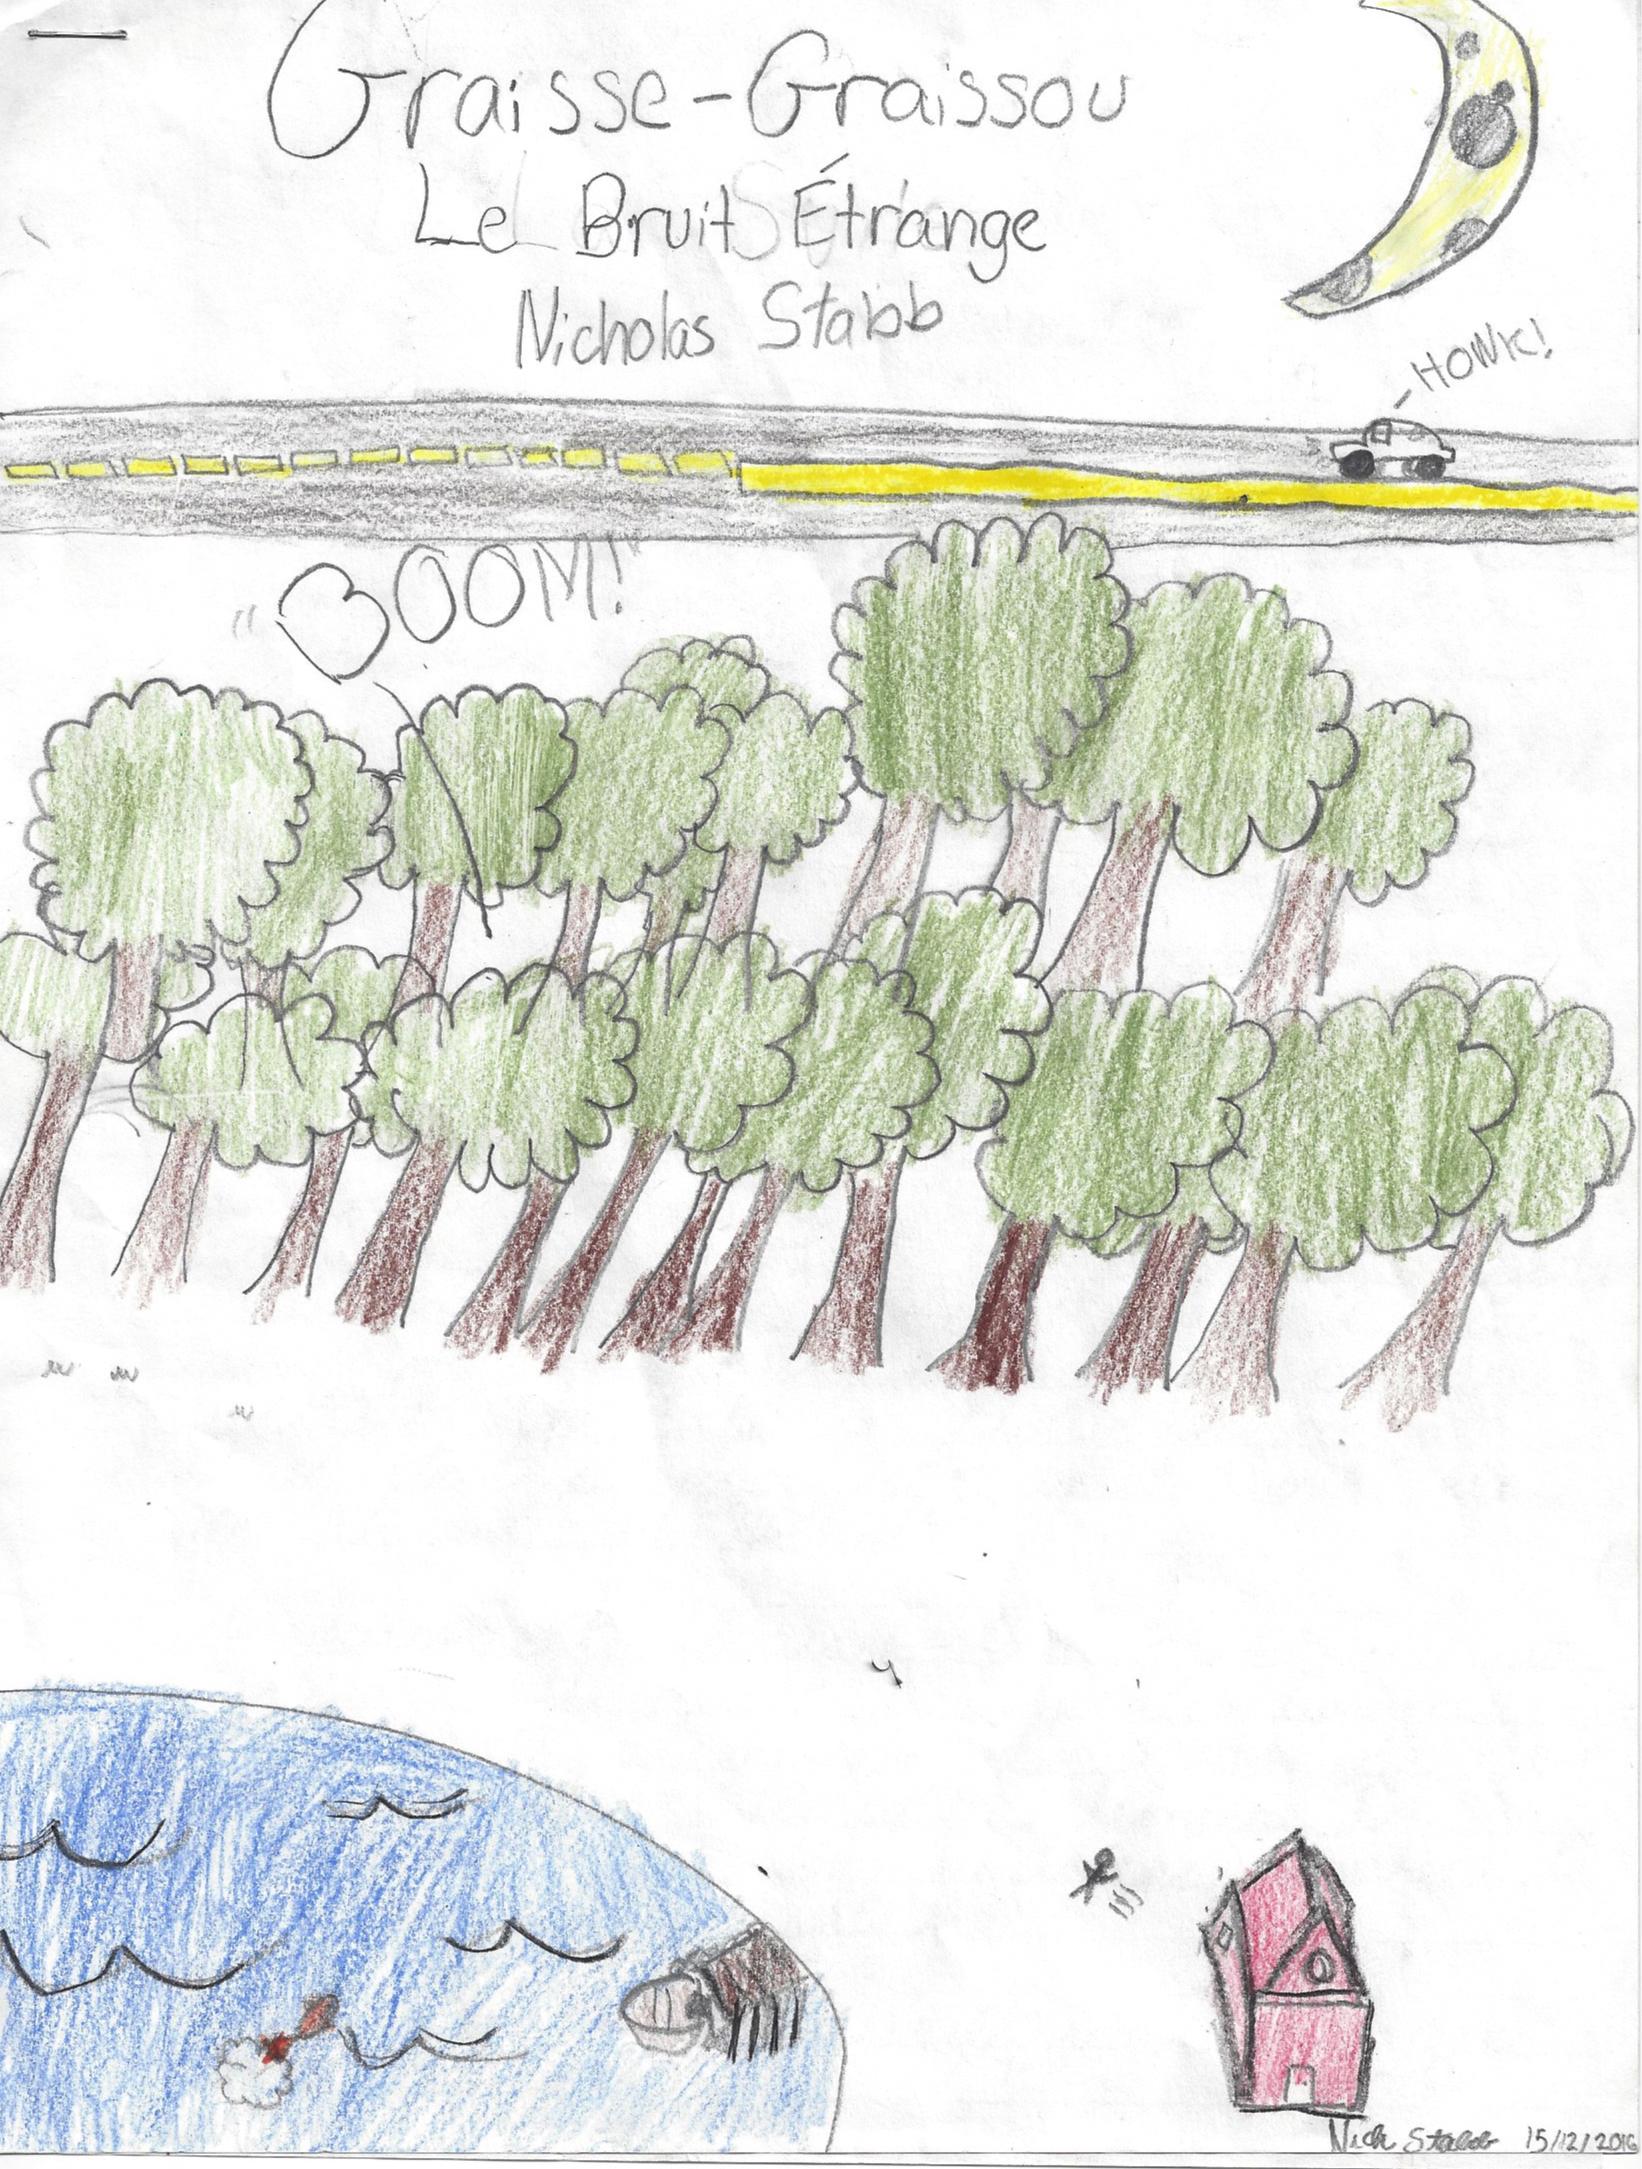 BRUIT ÉTRANGE, histoire de Nicolas Stabb -  Graisse-Graissou part à la recherche d'un bruit étrange dans la nuit.